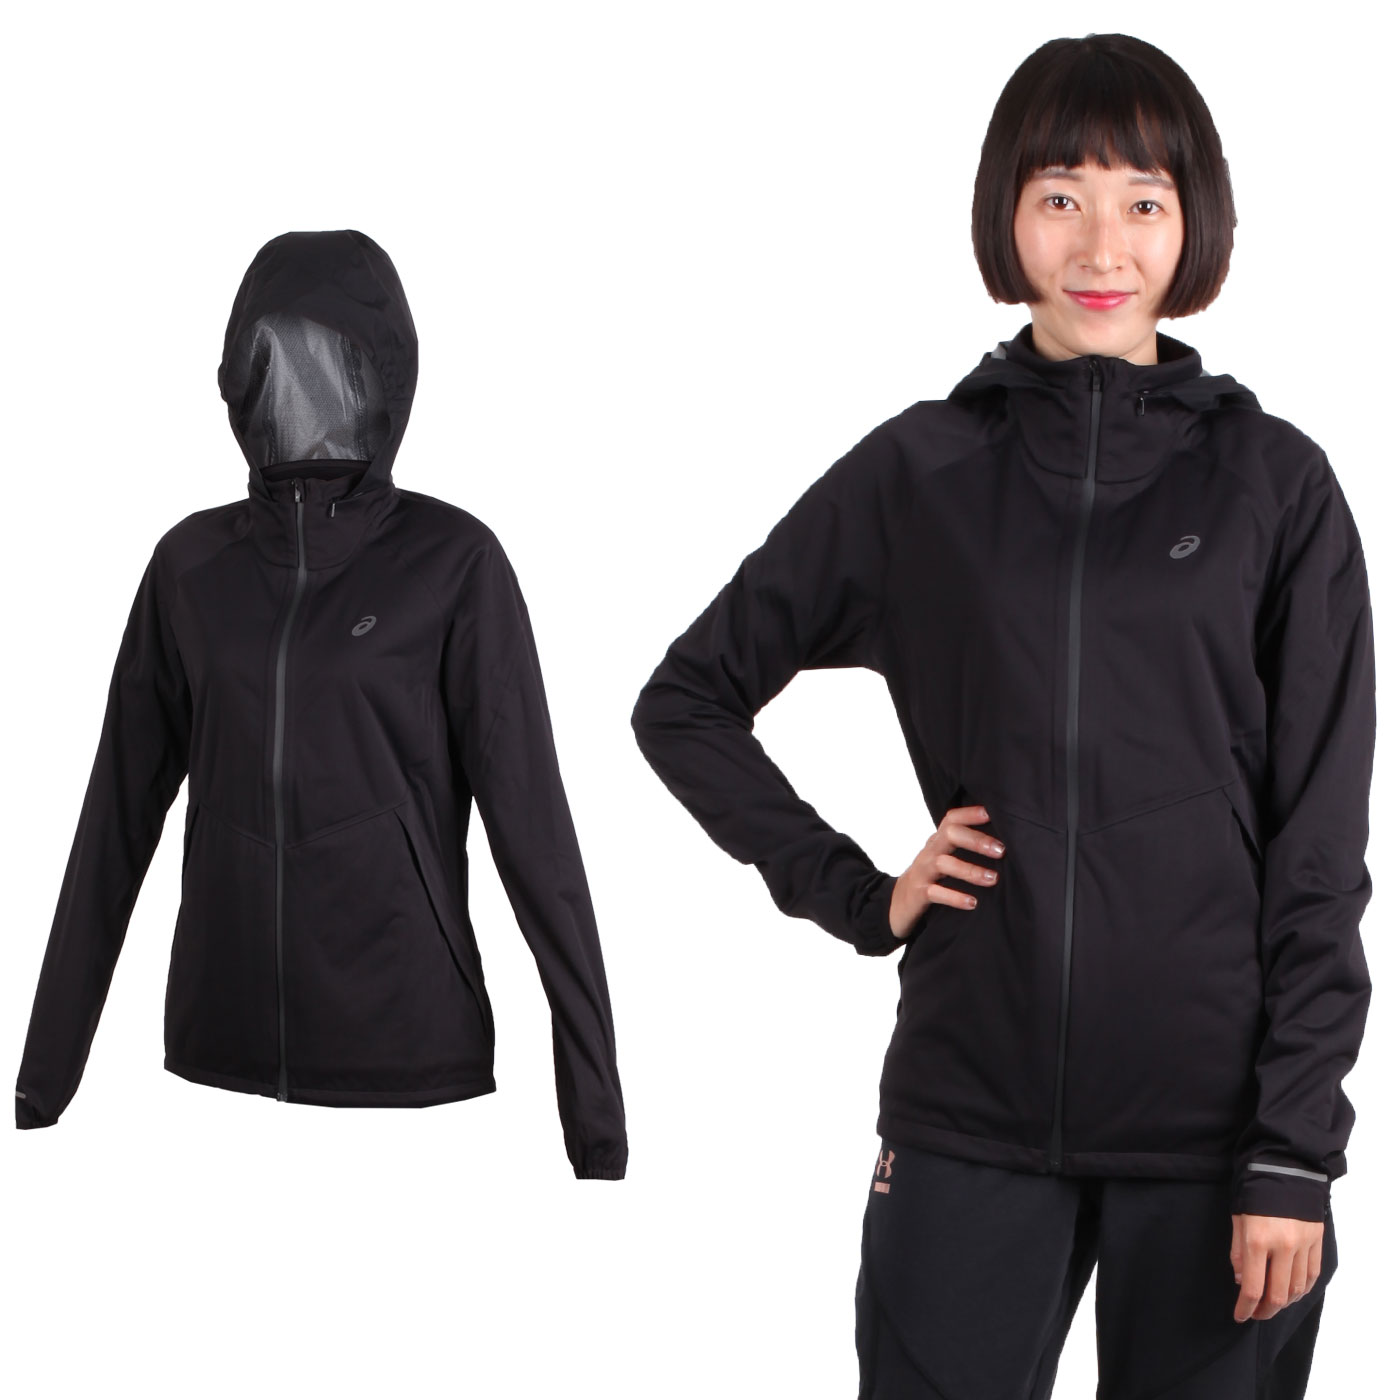 (女) ASICS SYSTEM 保暖外套-連帽外套 立領外套 亞瑟士 黑銀